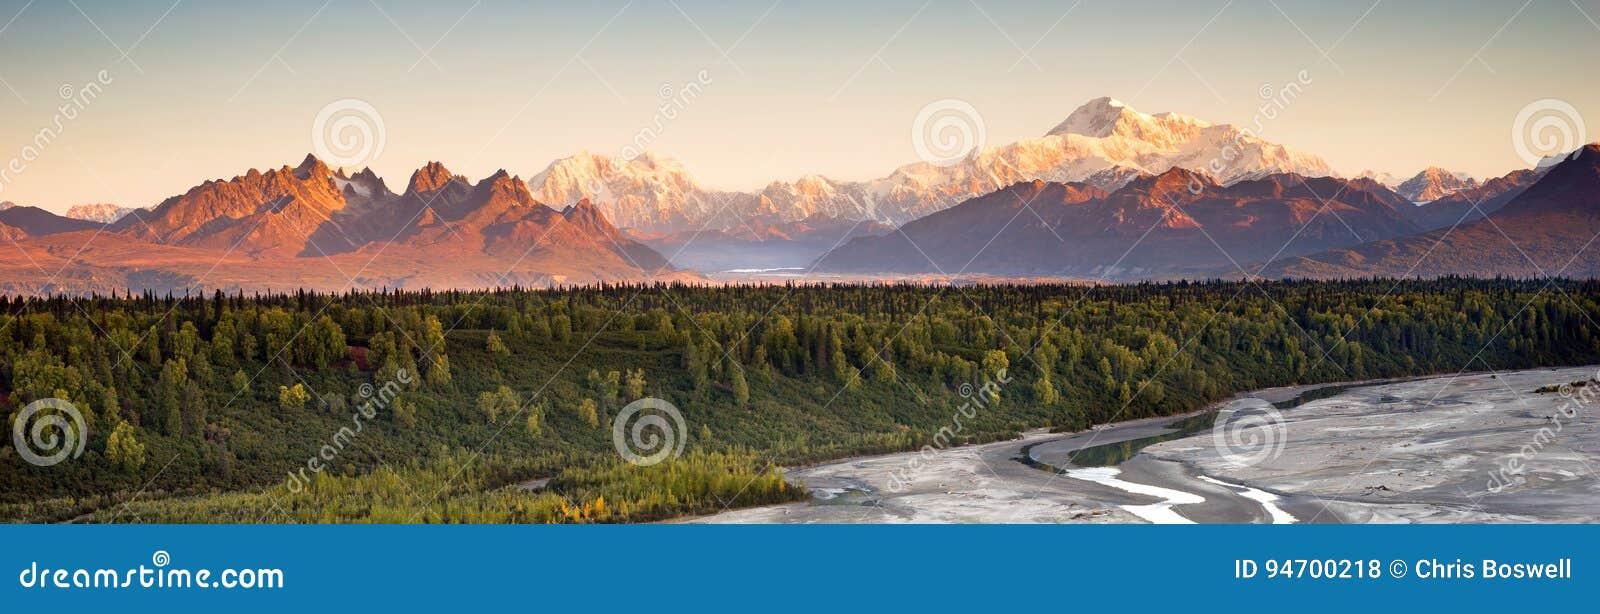 MT McKinley Alaska Noord-Amerika van de Denaliwaaier